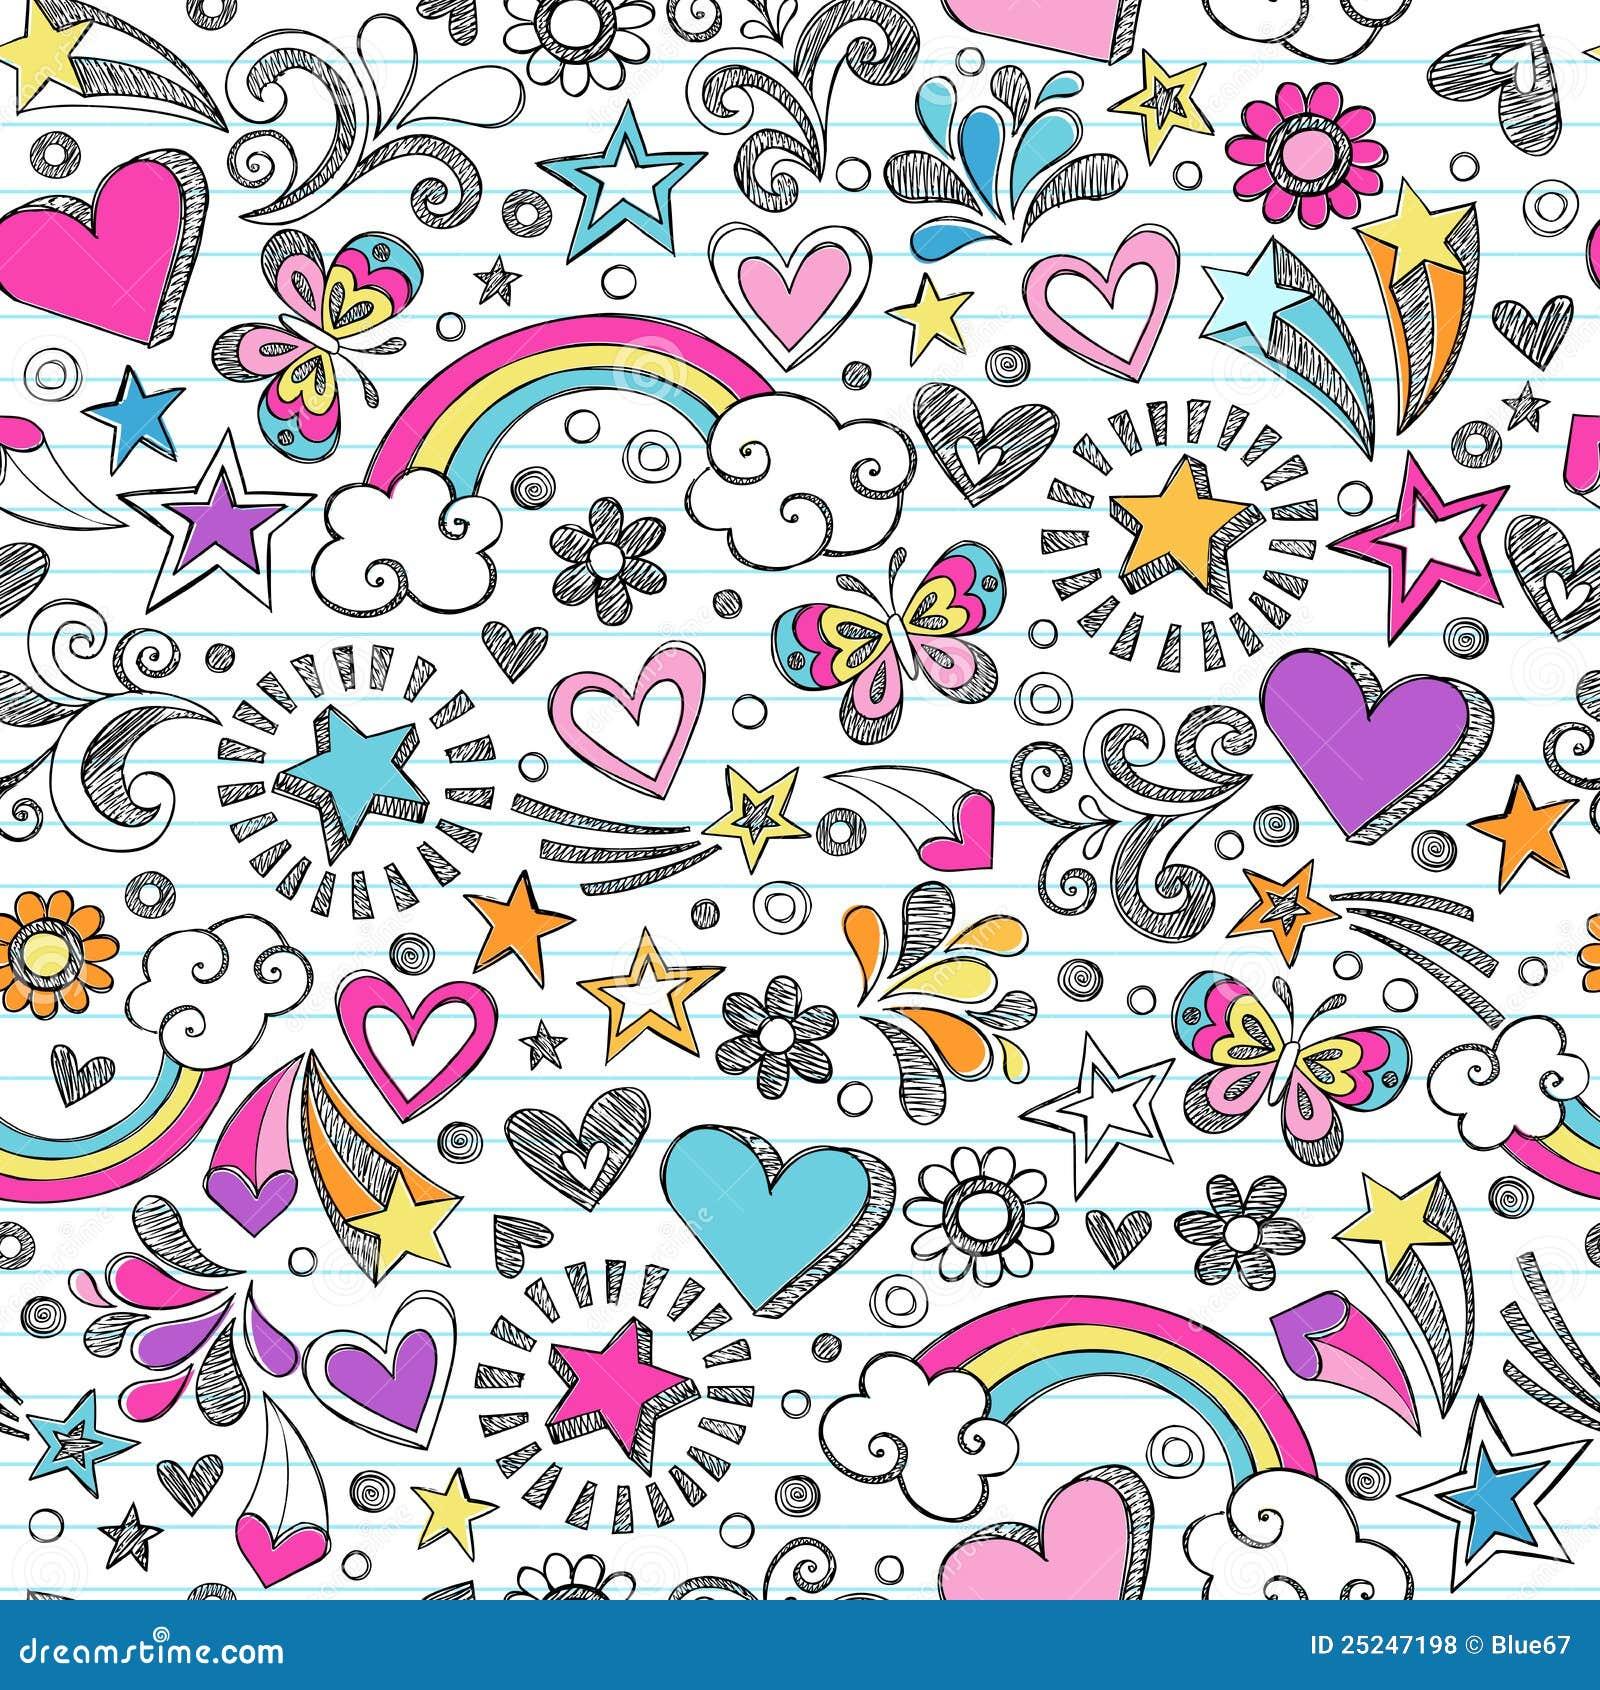 La escuela incompleta Doodles el modelo del corazón y de estrellas